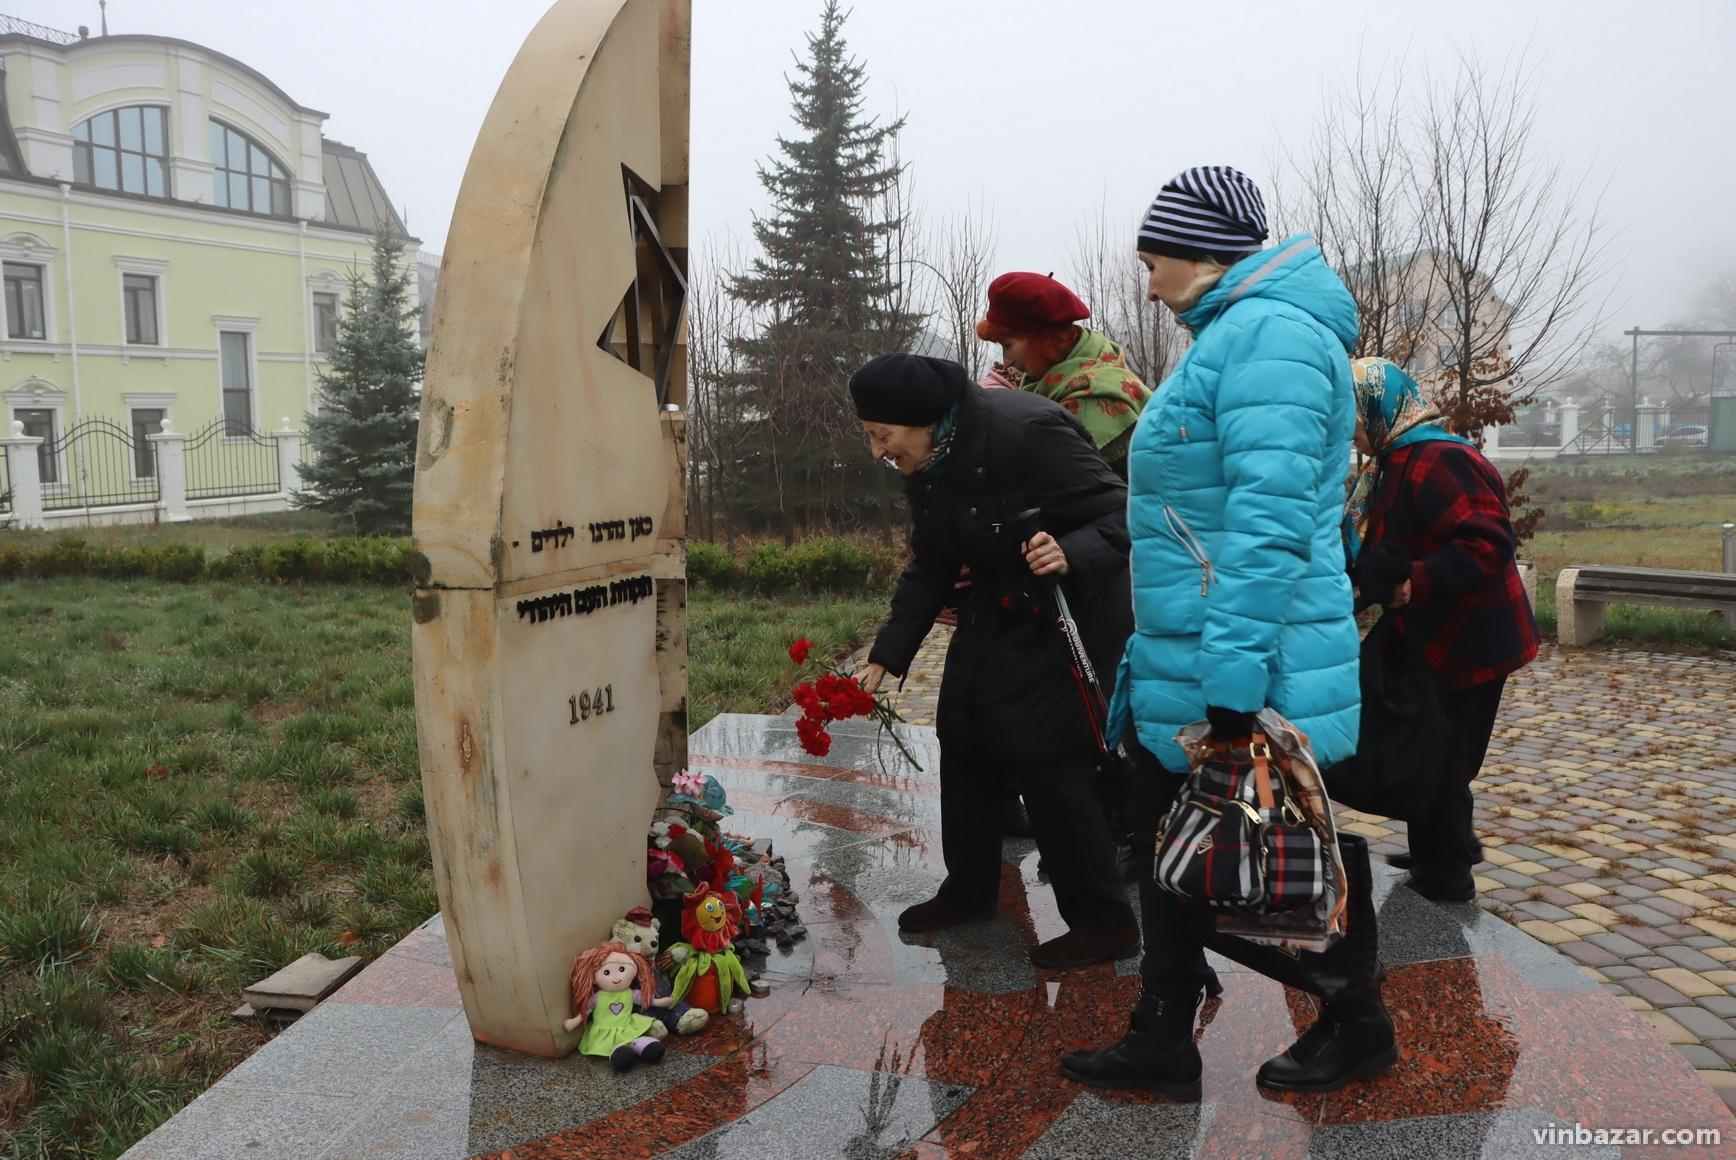 У Вінниці відкрили пам'ятник рятівникам євреїв в часи Другої світової війни (Фото)